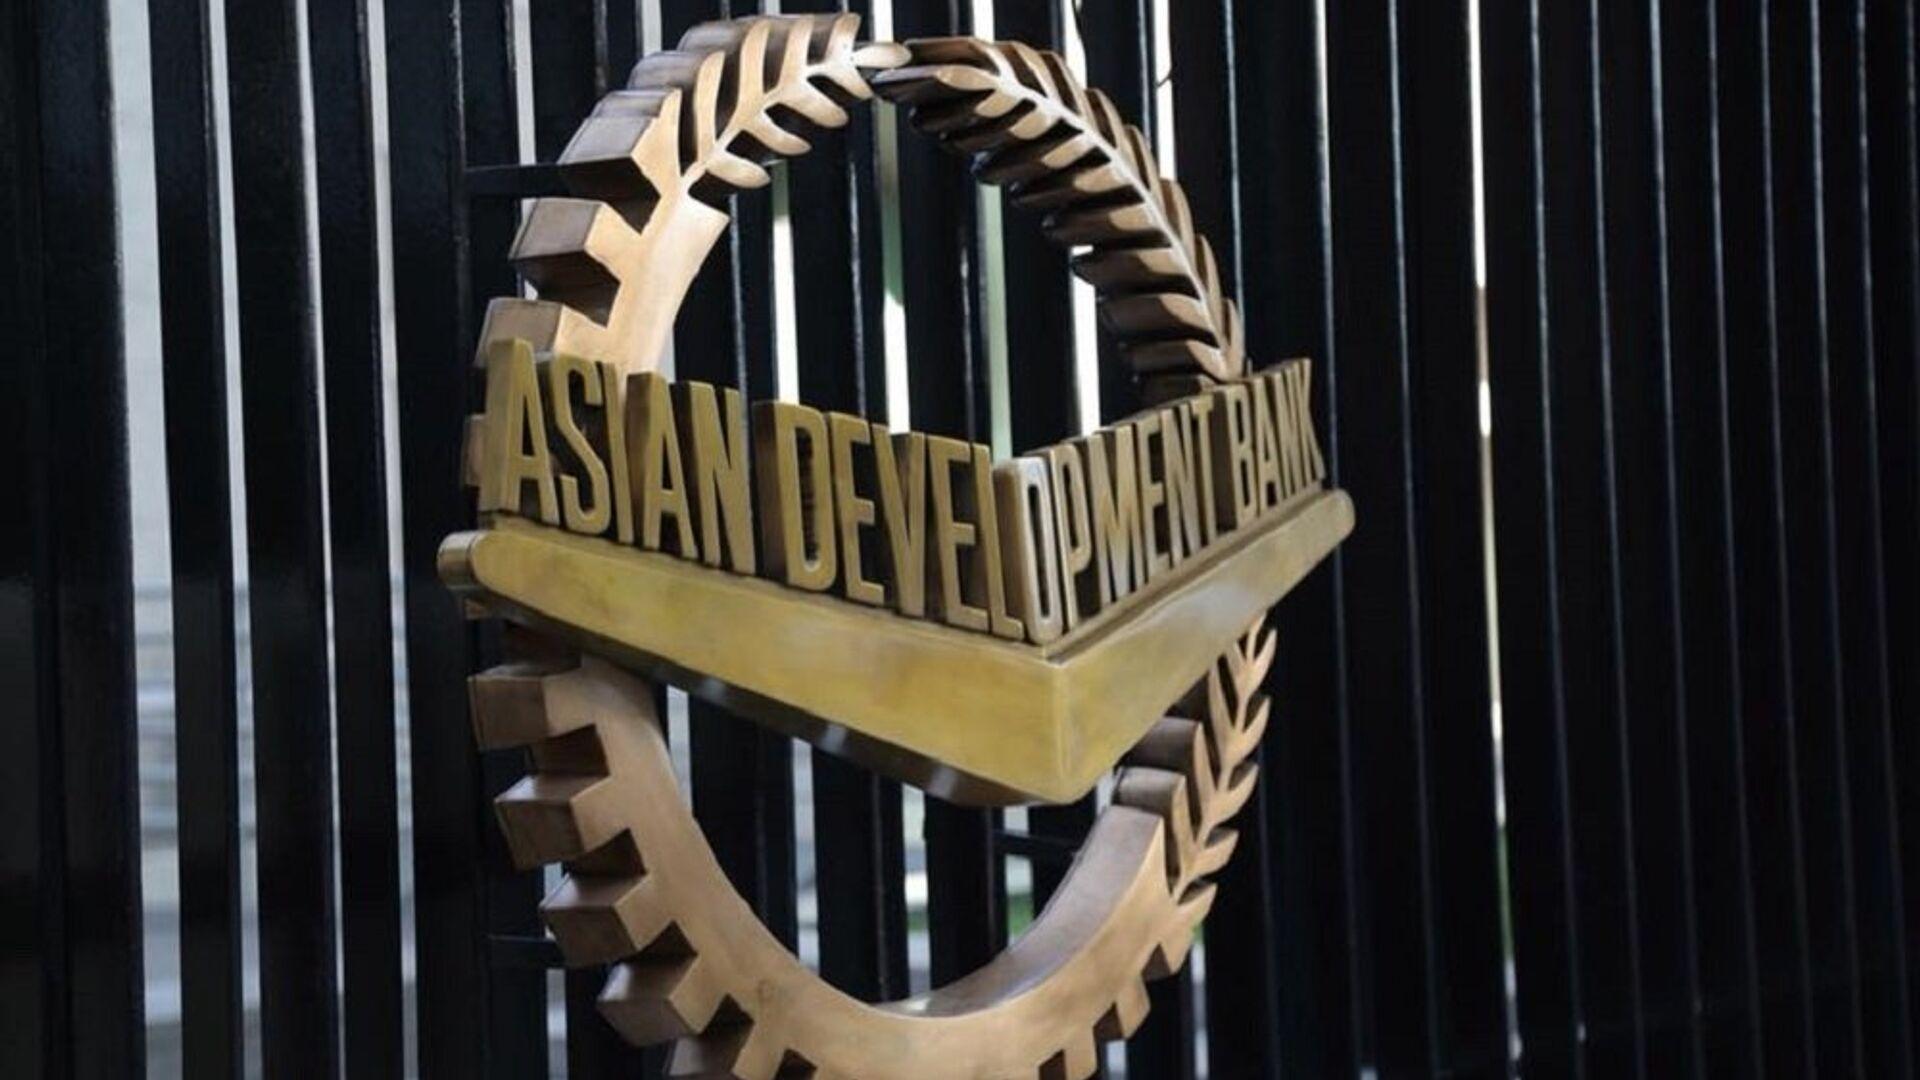 Азиатский Банк Развития (АБР) - Sputnik Грузия, 1920, 22.09.2021